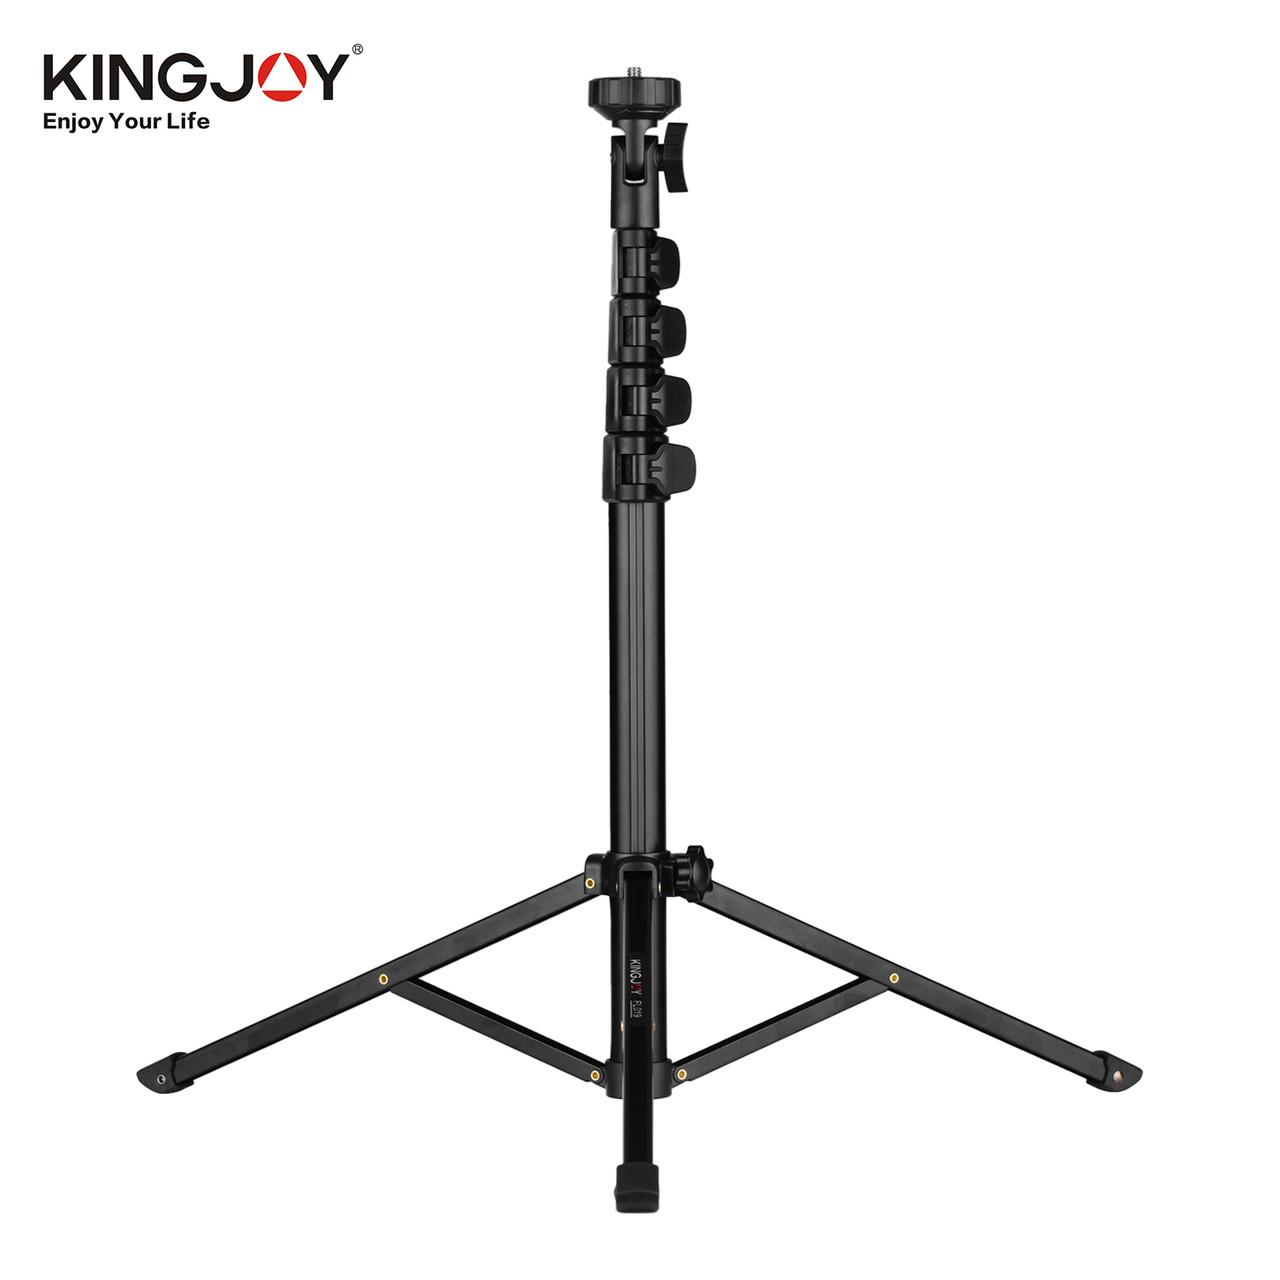 Багатофункціональна студійна стійка / штатив / тринога Kingjoy FL019 для телефону, камер, світла.